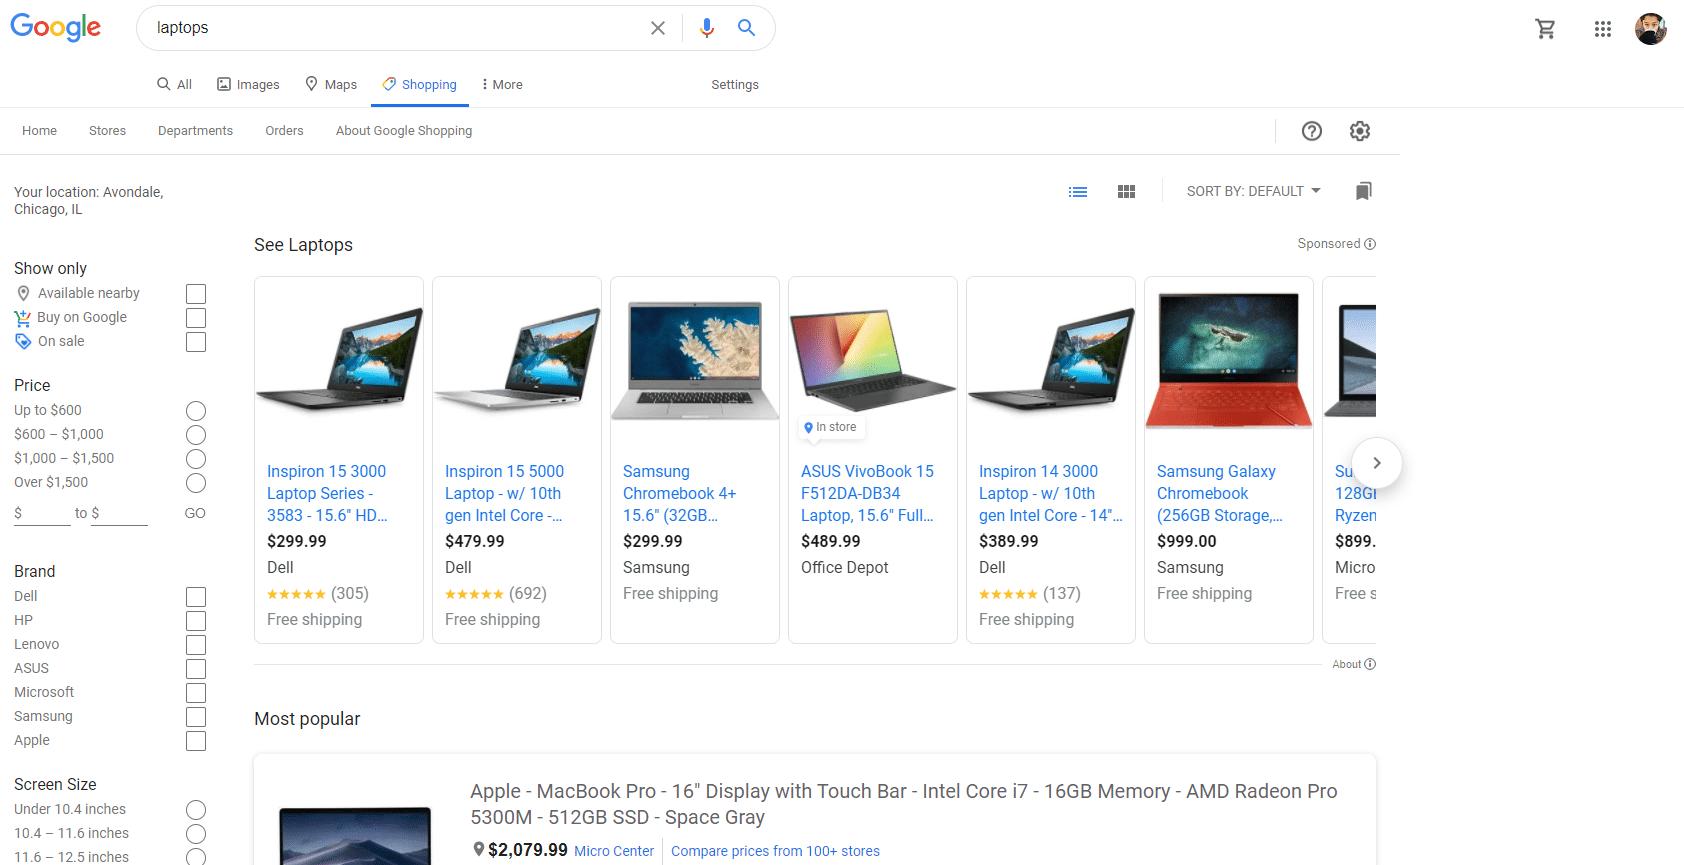 نتایج جستجوی تبلیغات گوگل